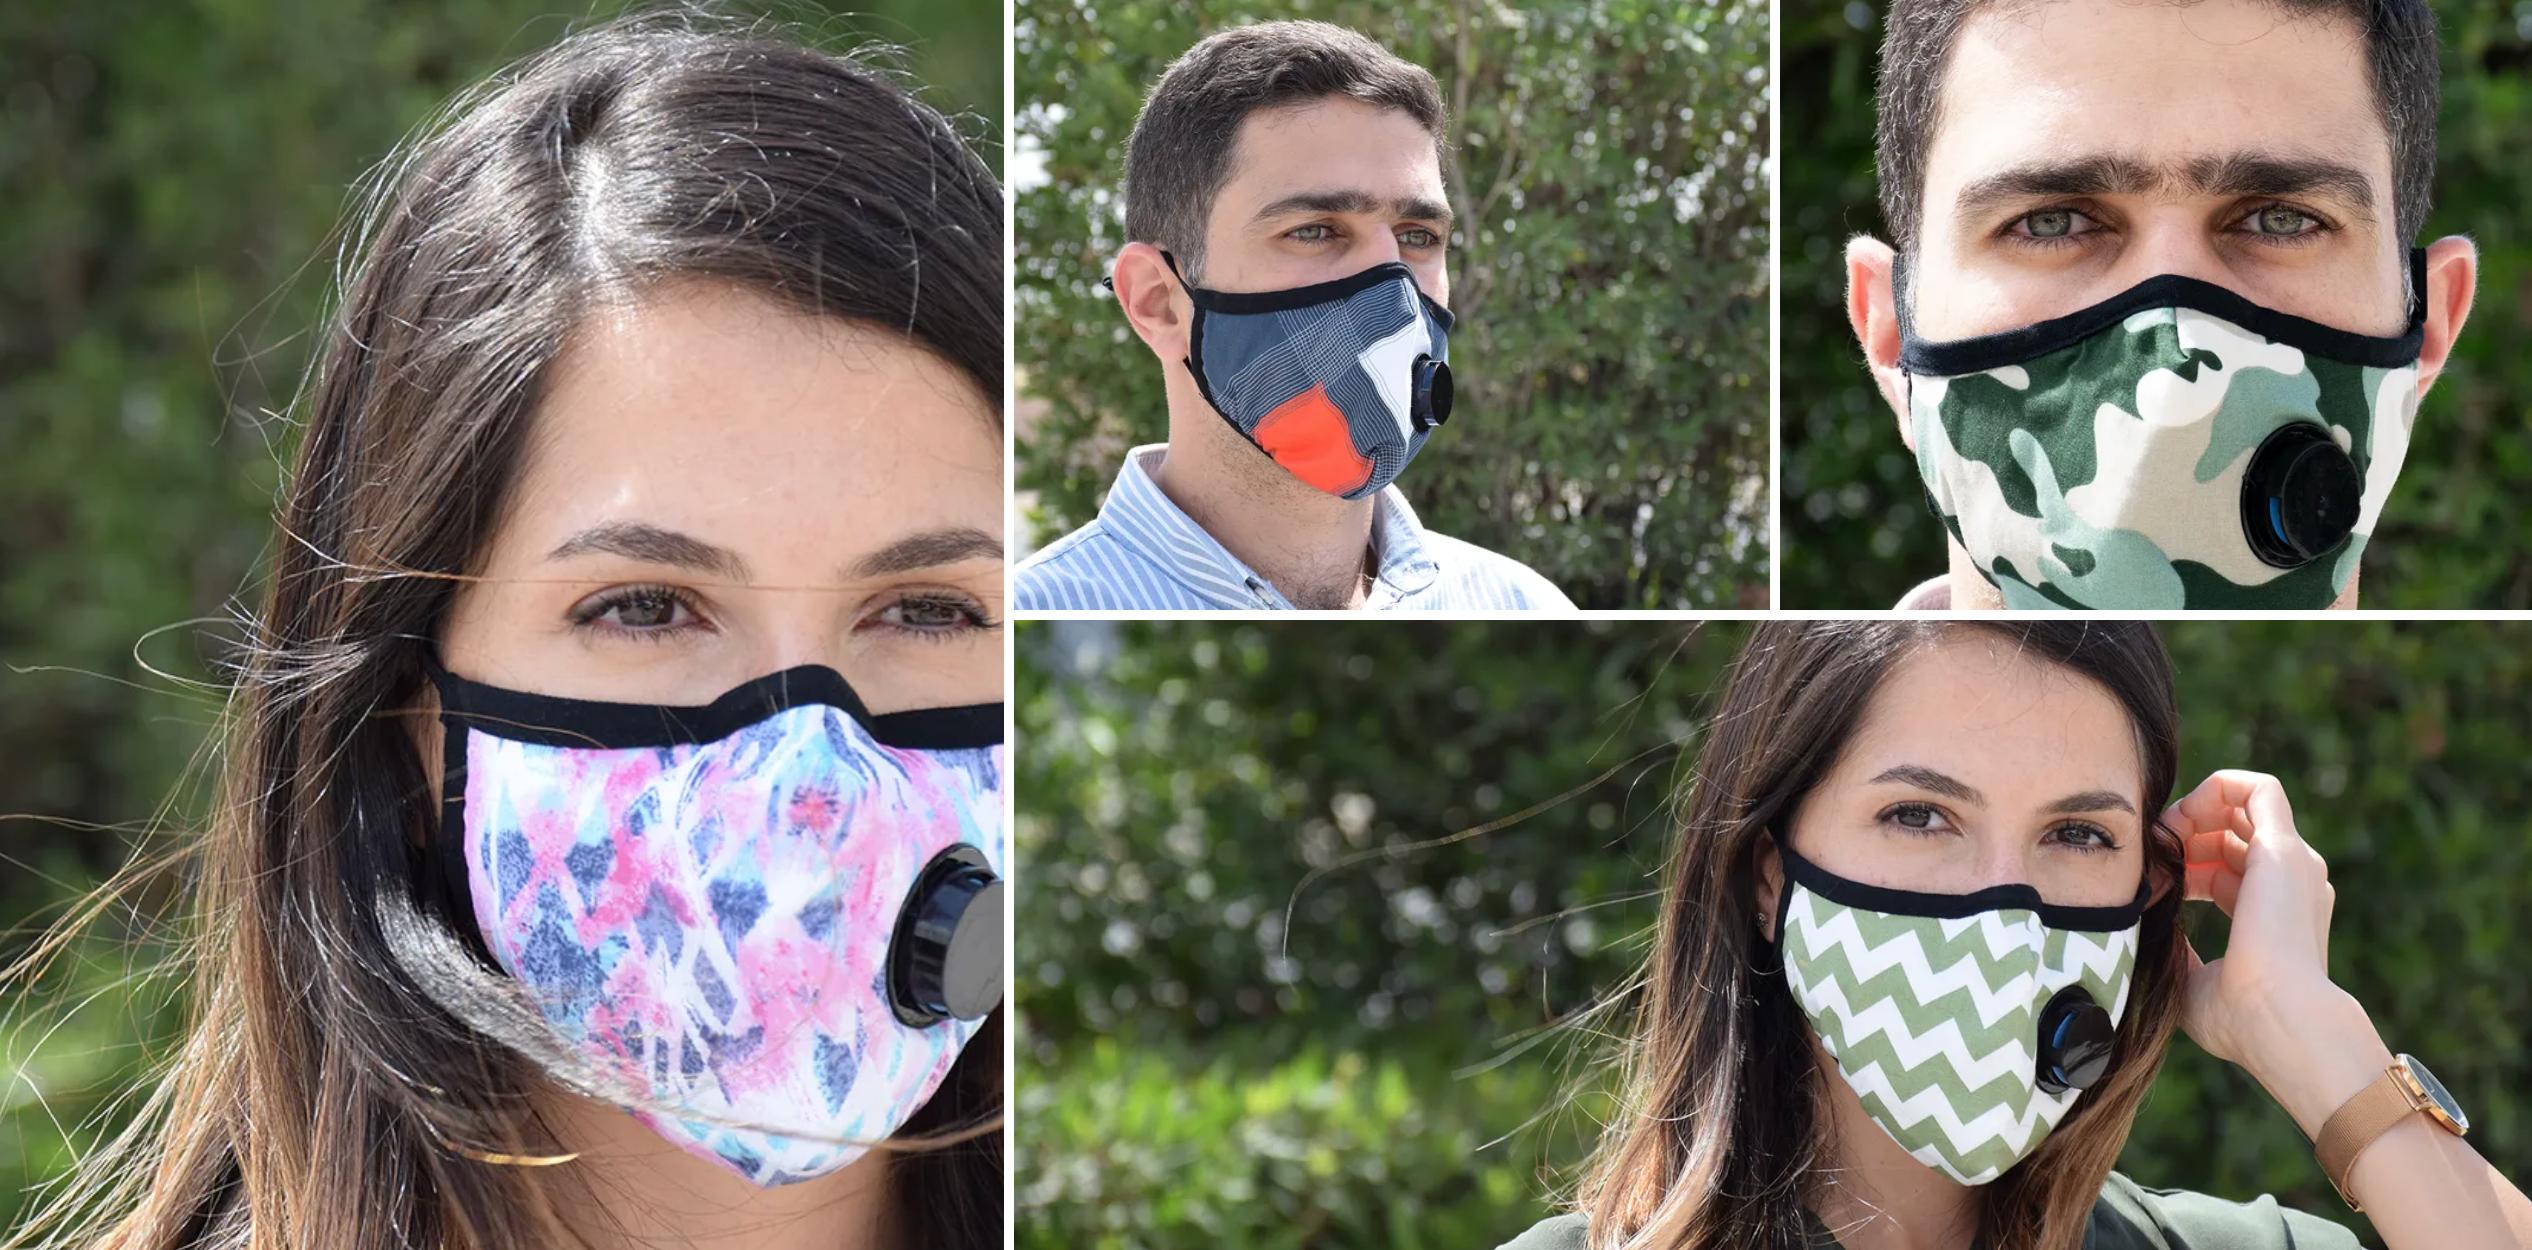 8 ay kullanılabilen, kendini dezenfekte eden, virüsleri öldüren maske üretildi - Körfez Haberi